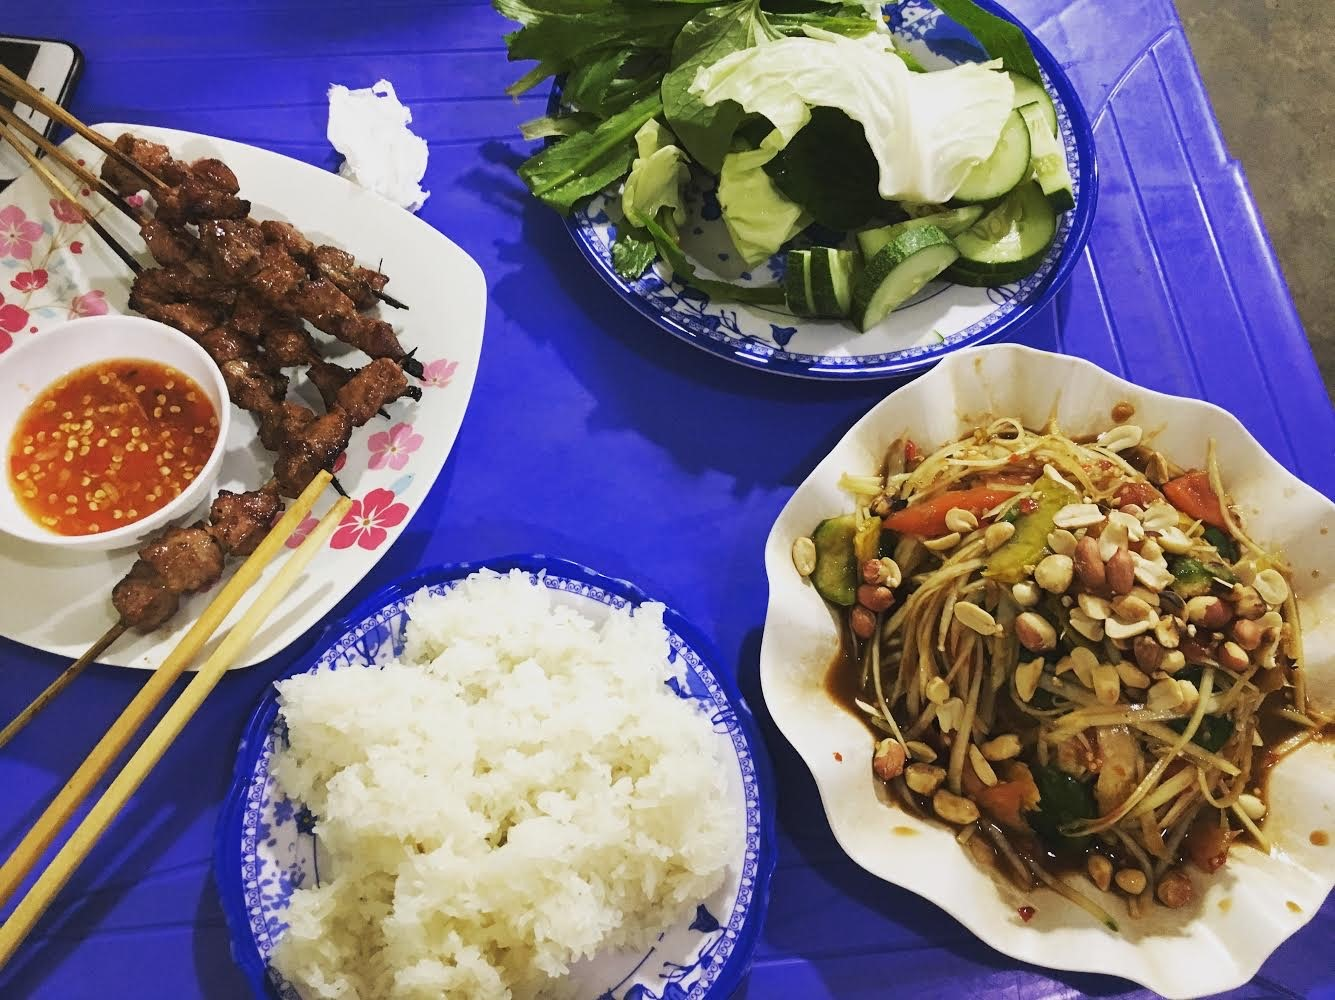 Món xụm đu đủ hội tụ đủ hương vị, màu sắc như sự đa dạng của văn hóa Lào.